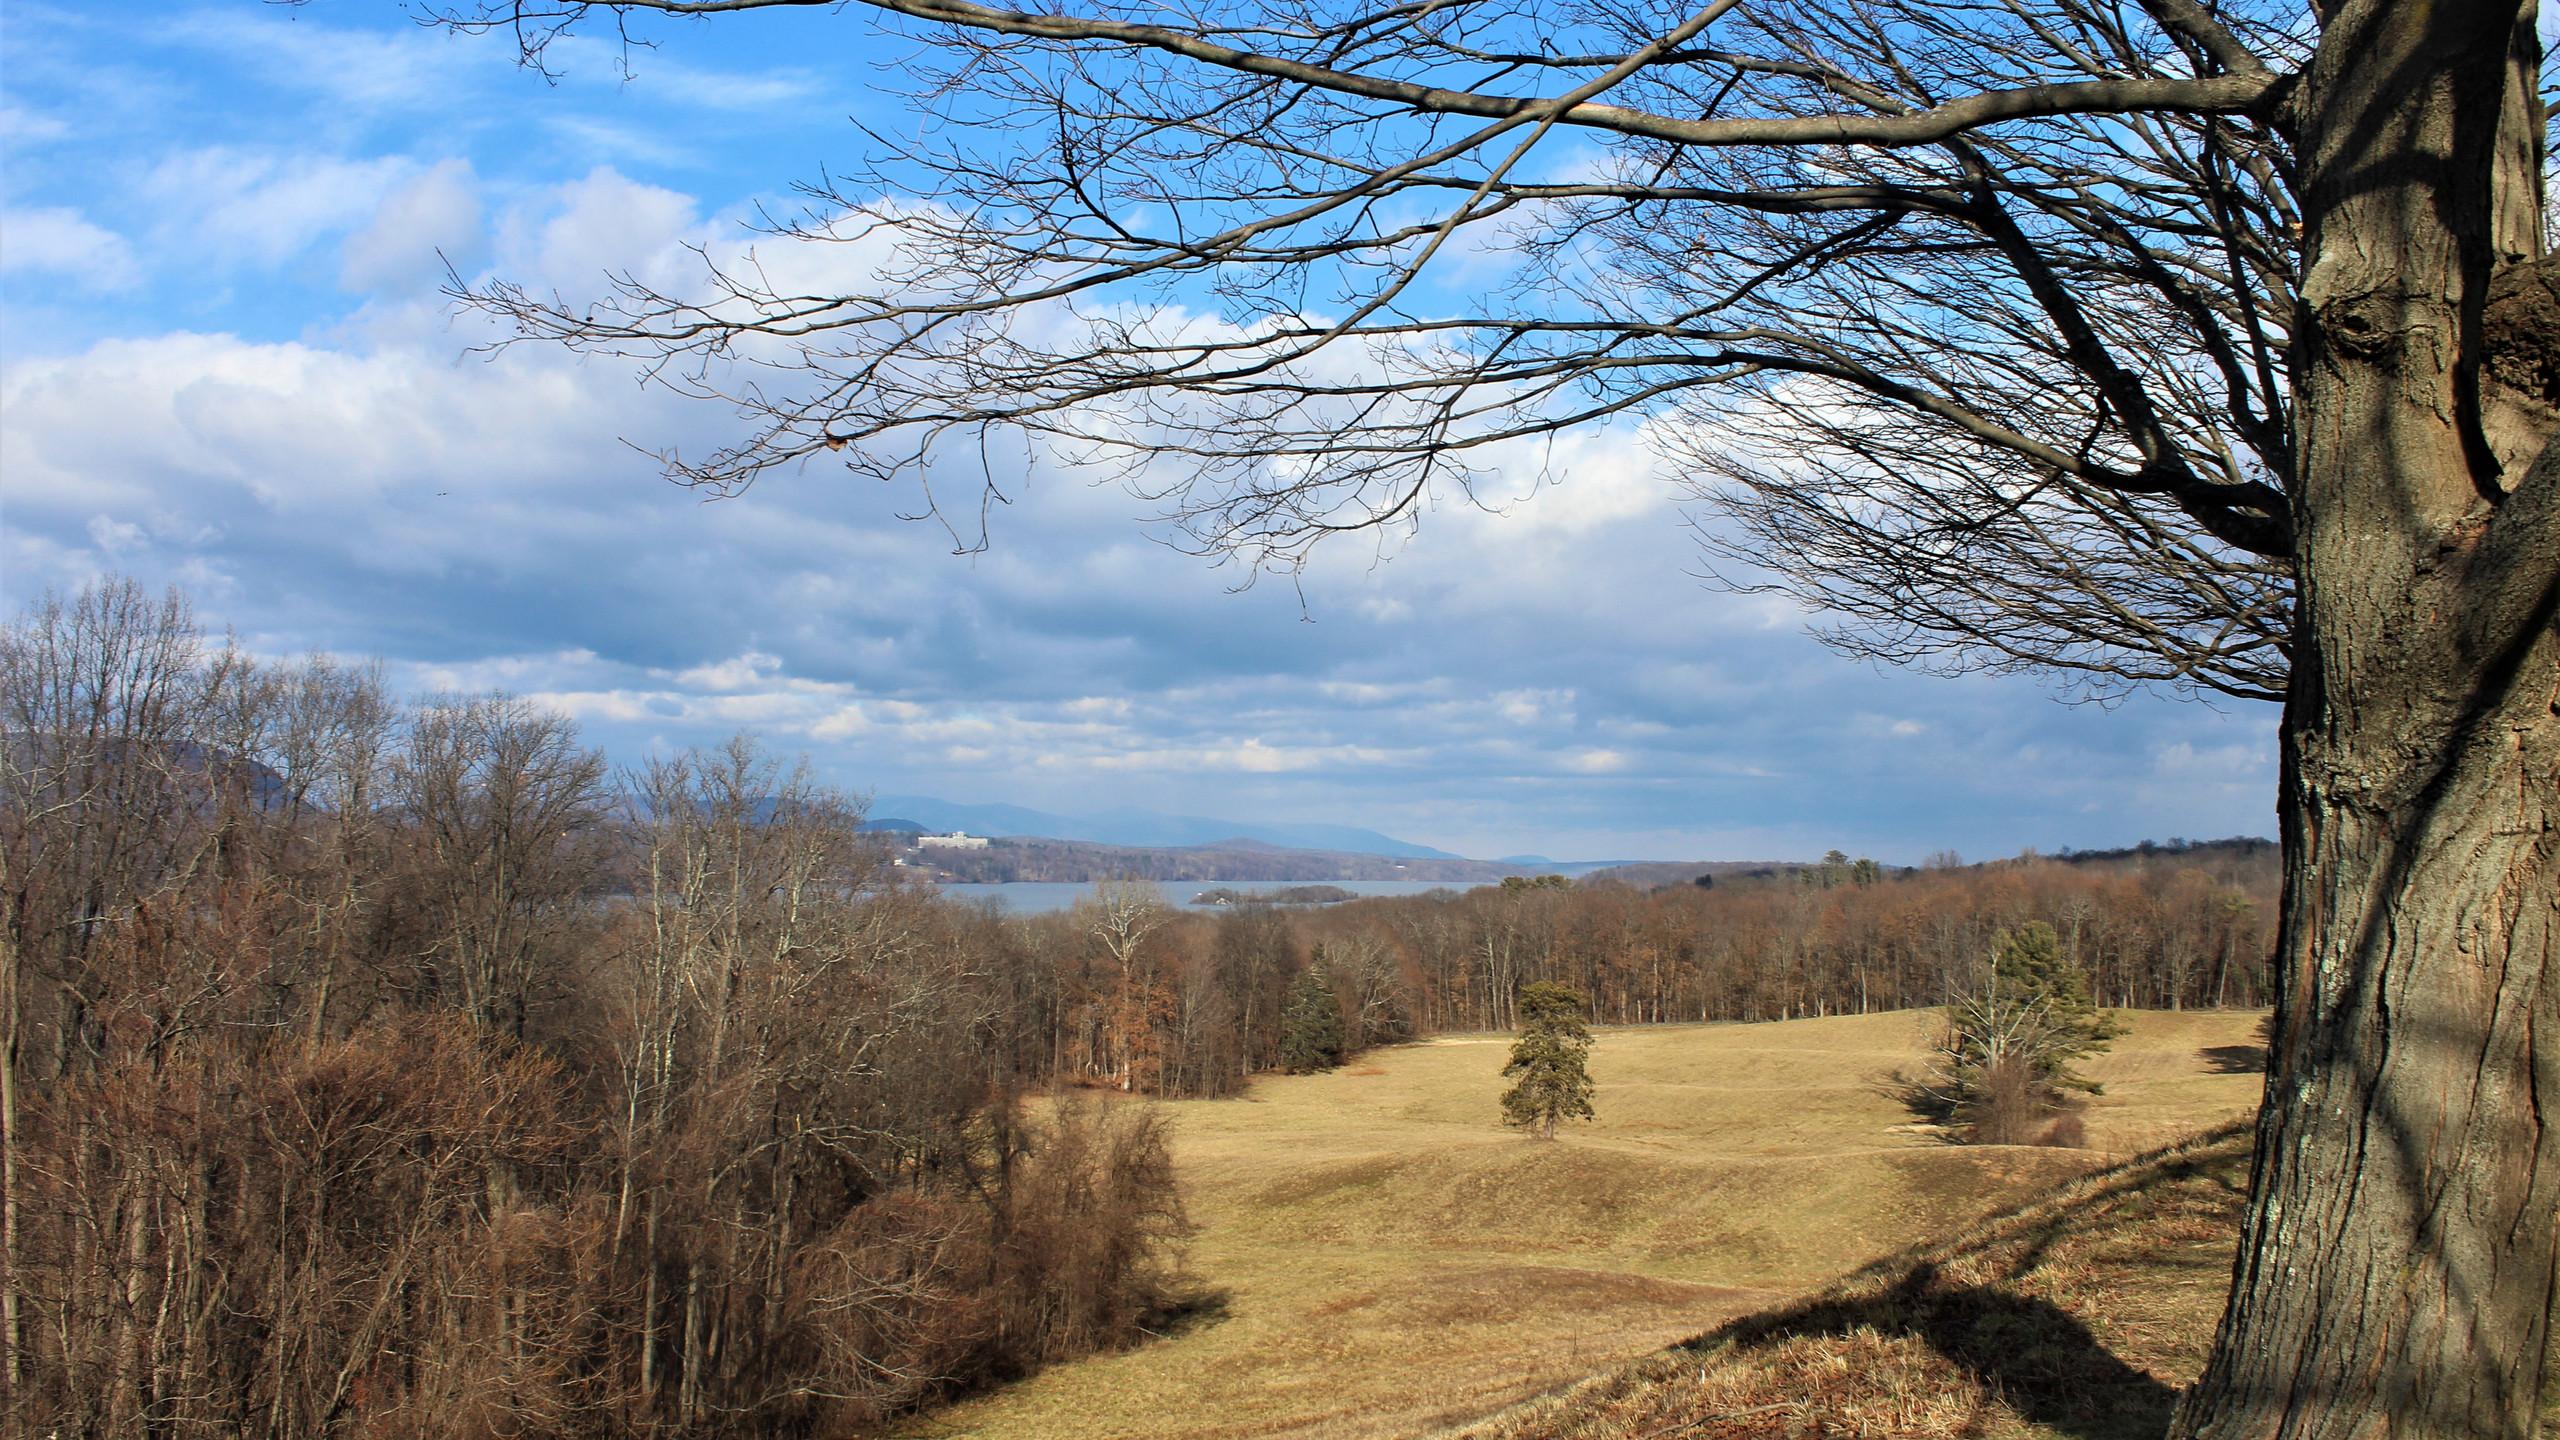 Hudson River Valley Overlook